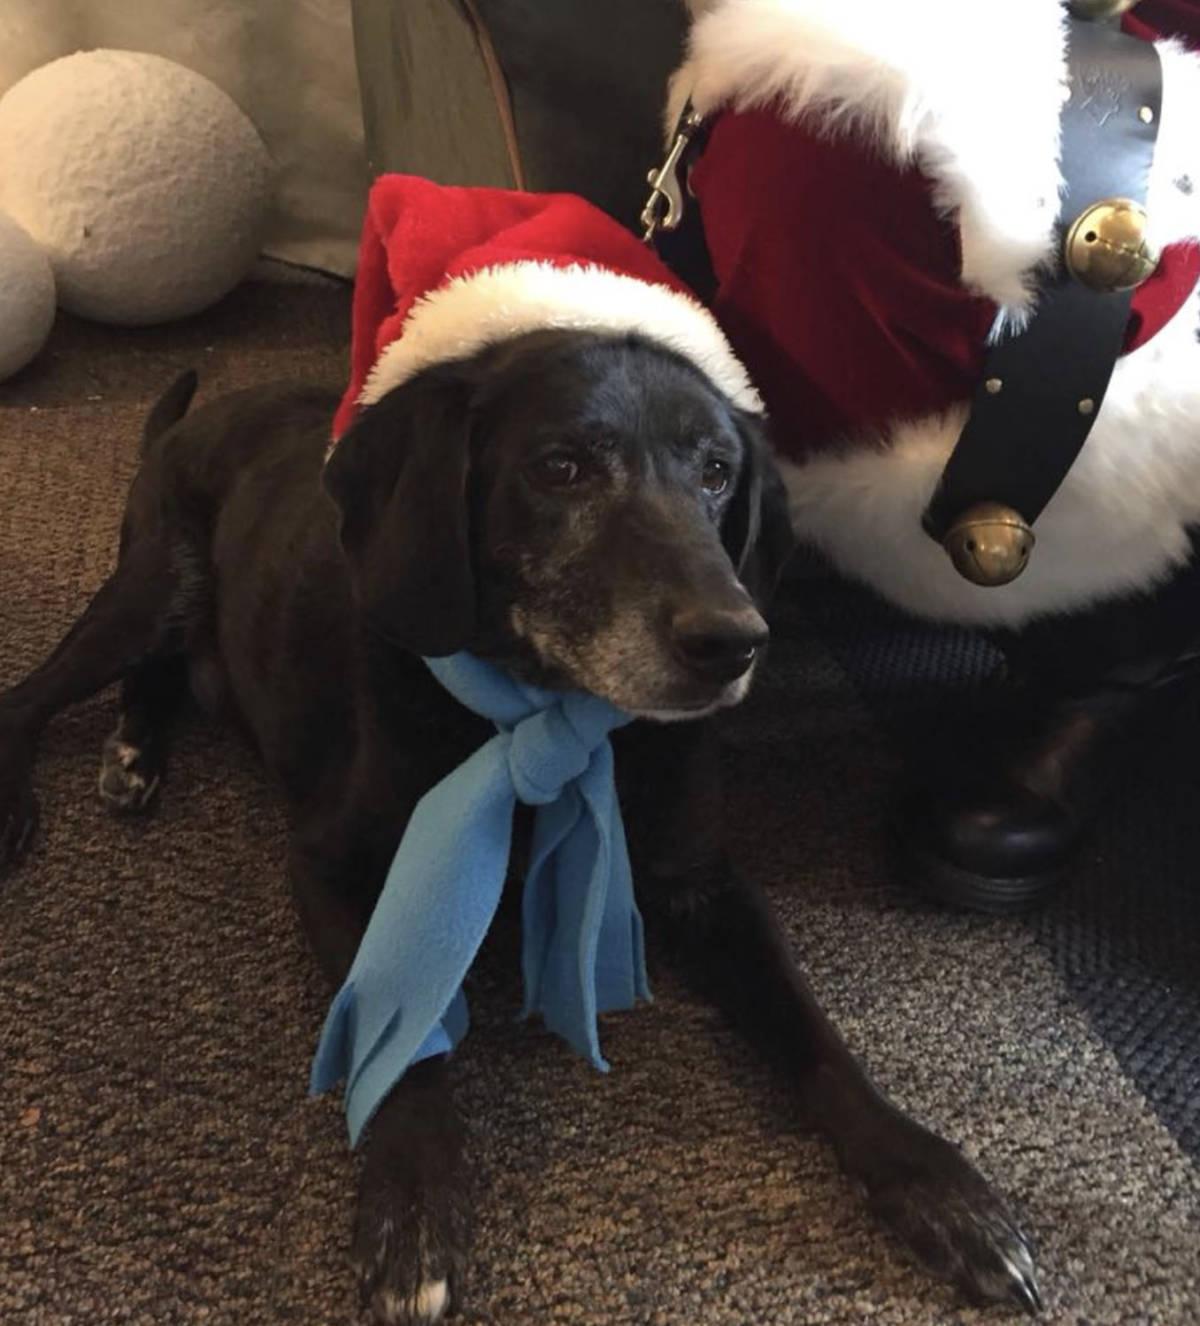 Przywiózł do kliniki 2 psy i zażądał ich uśpienia. Weterynarz nie mógł się zgodzić